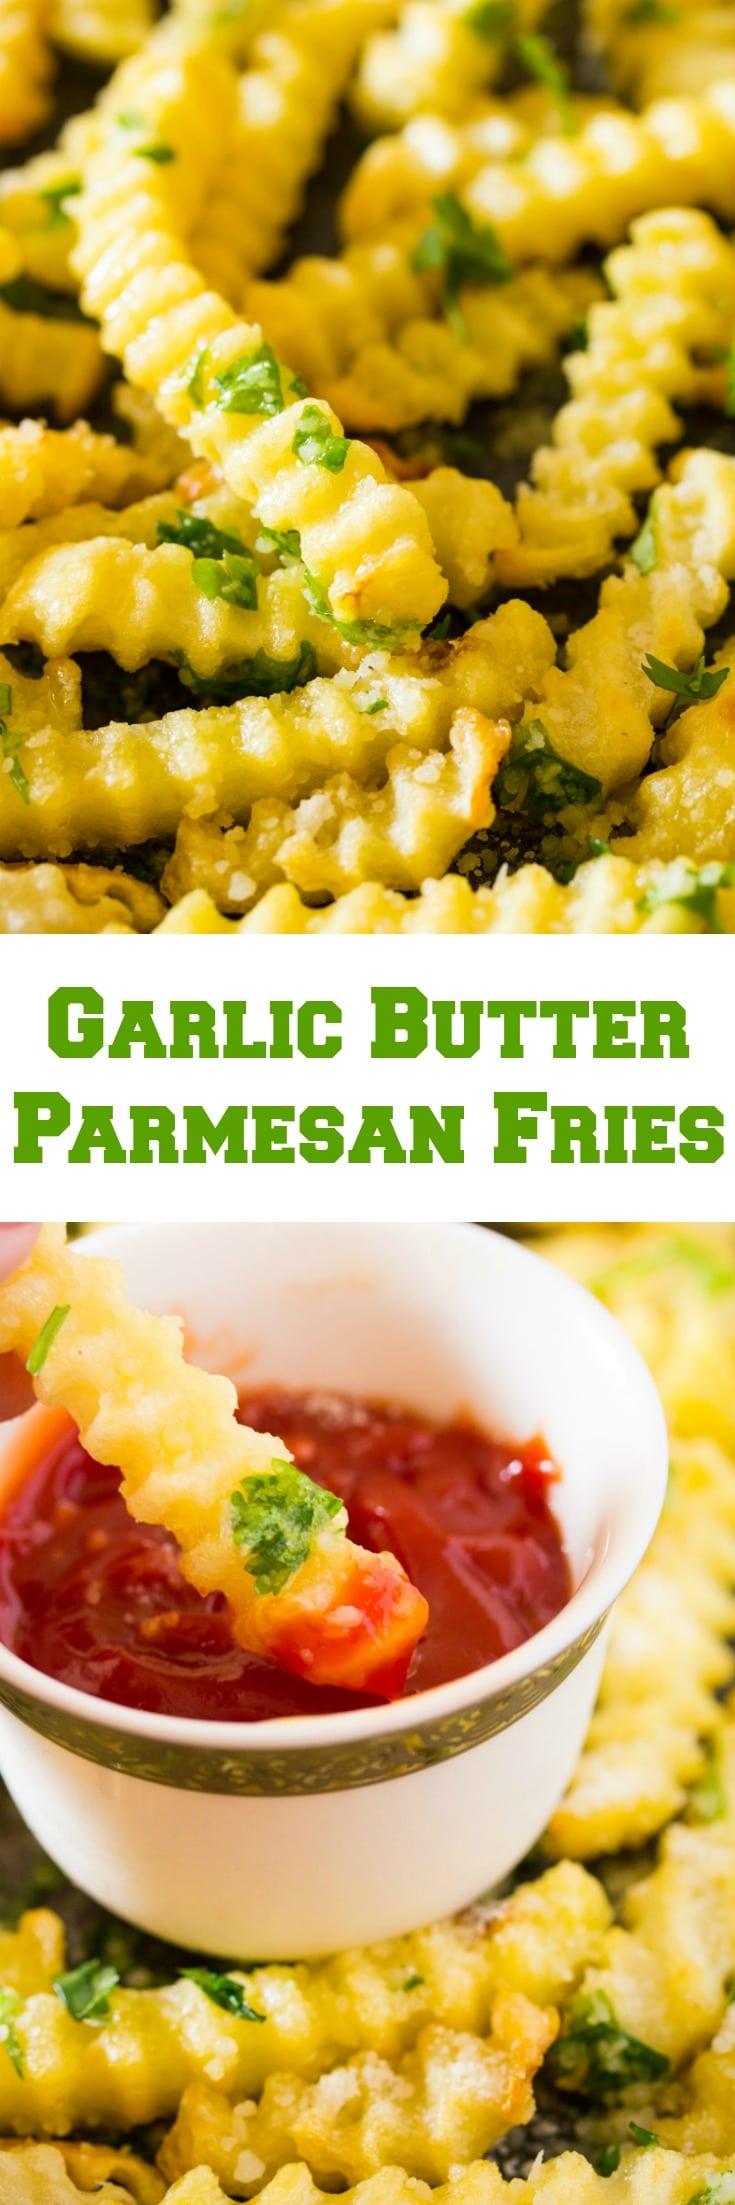 Garlic Butter Parmesan Fries